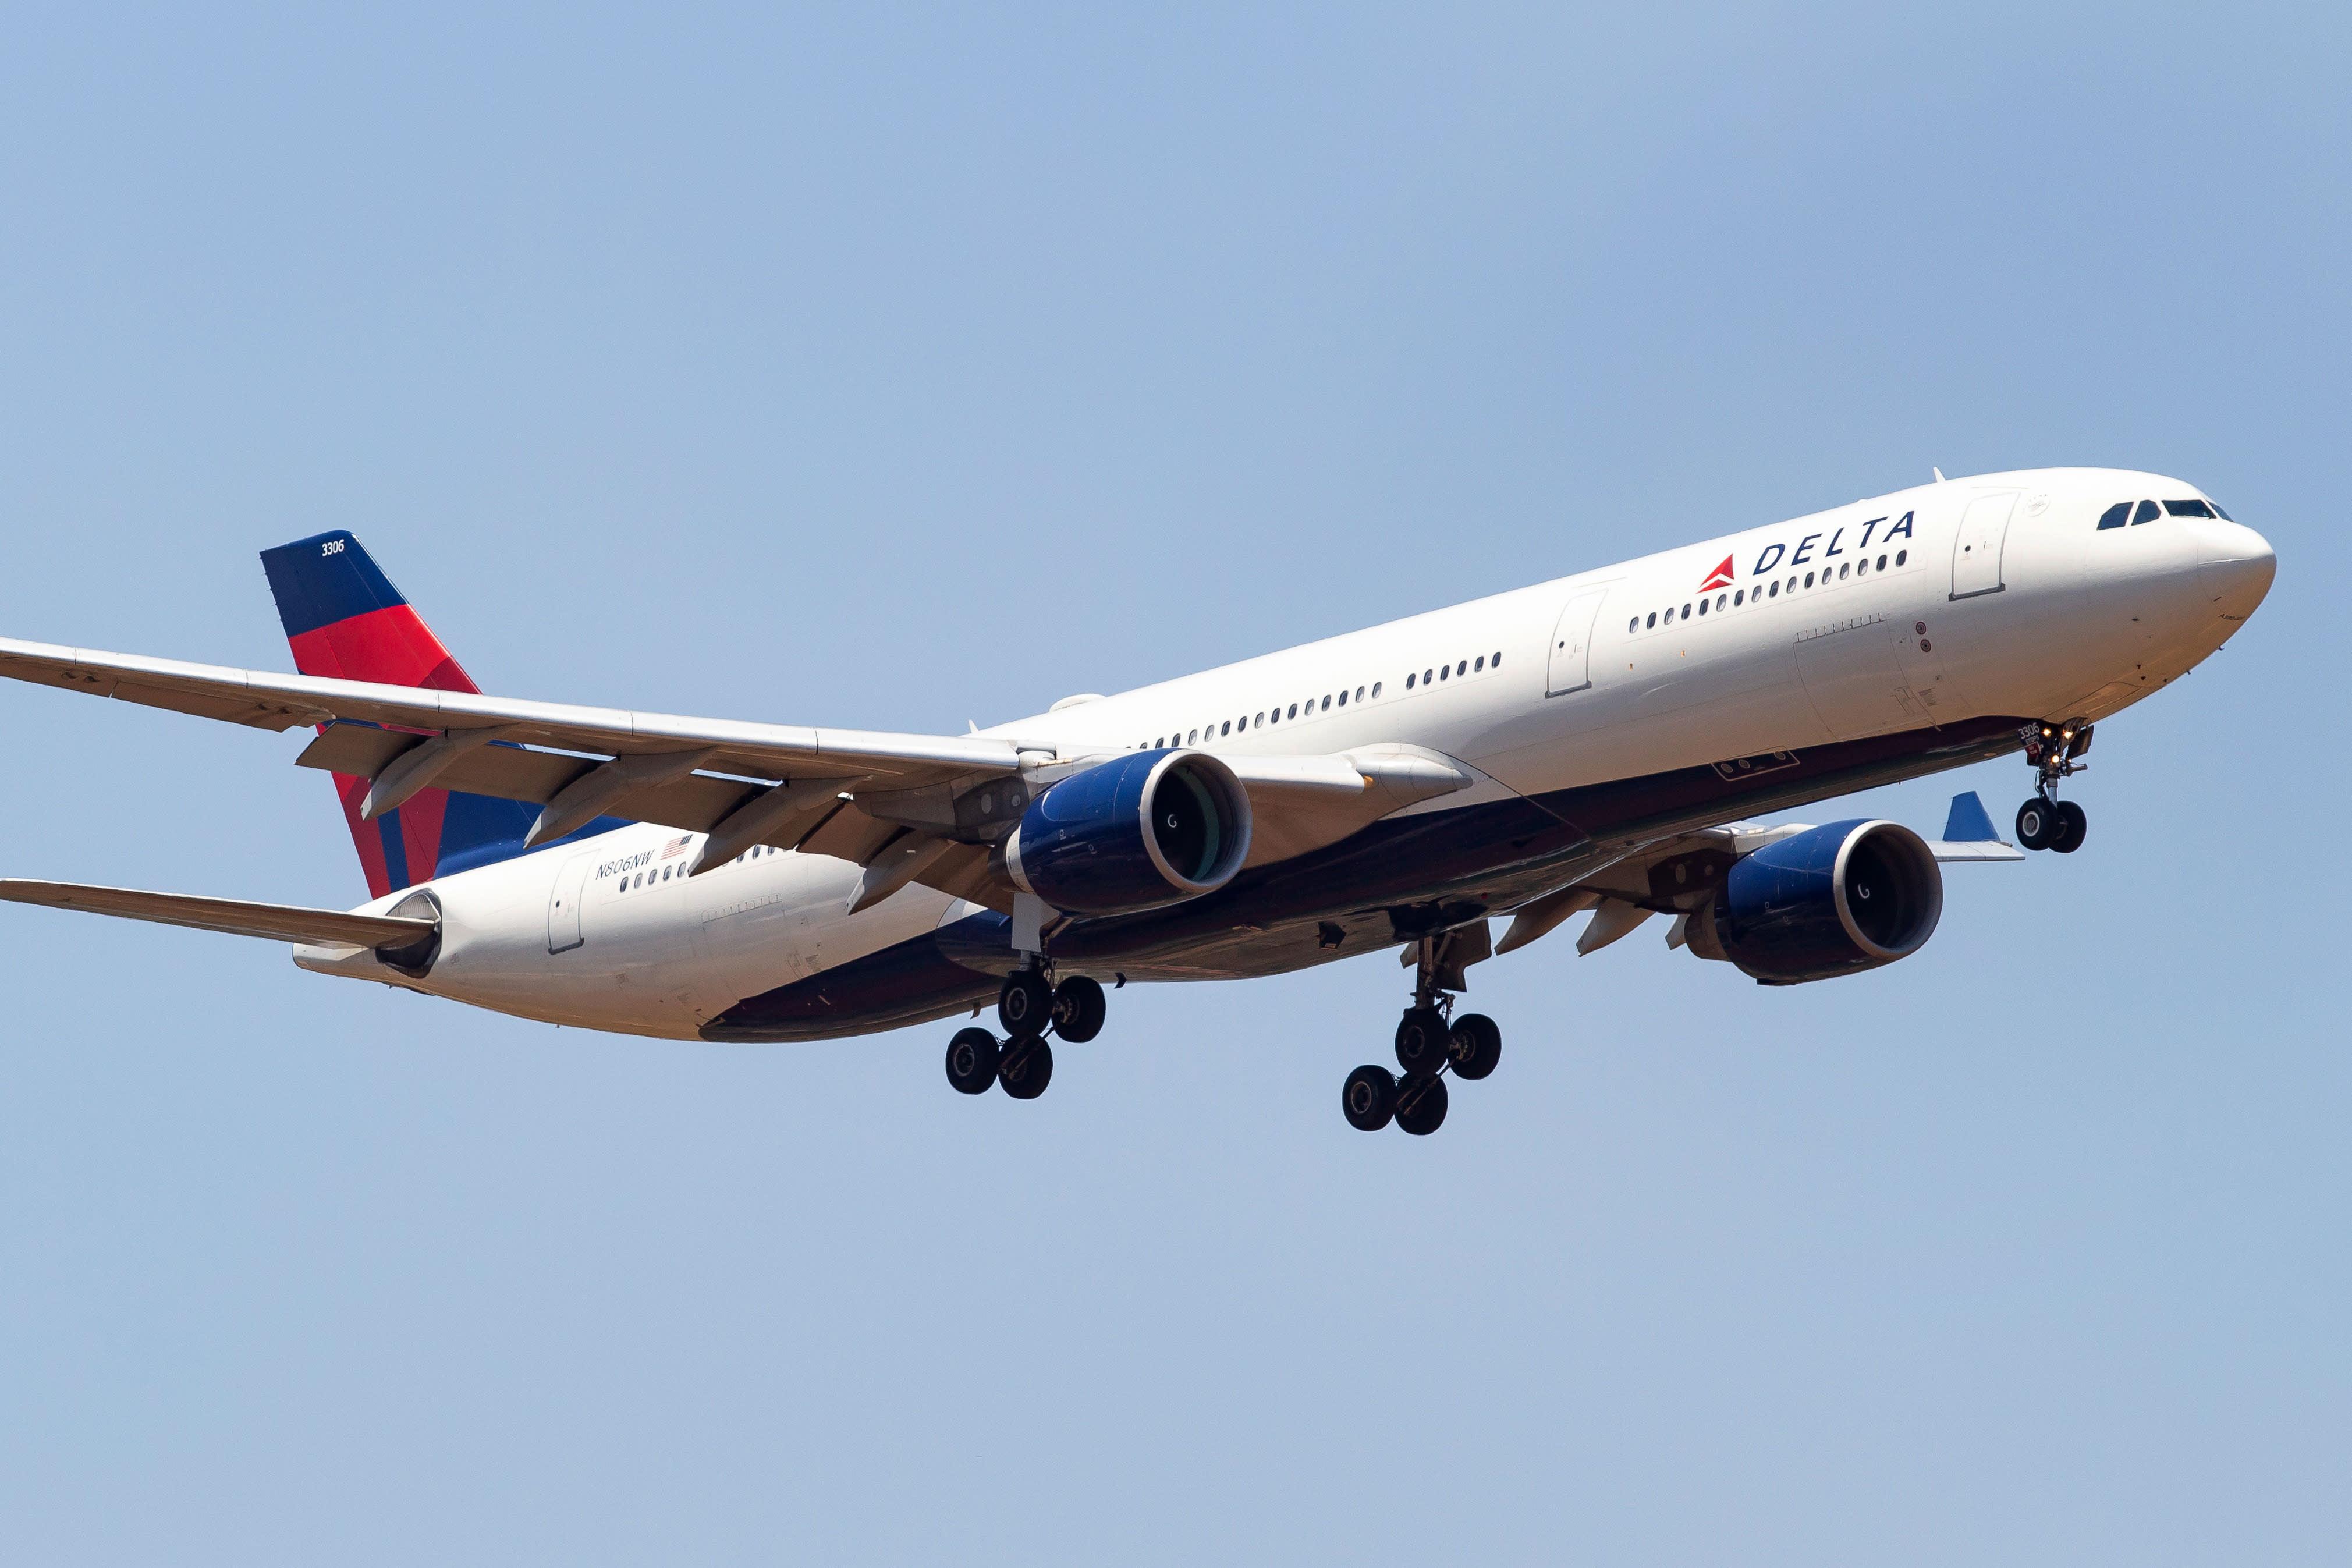 Over 40 injured after Delta jet dumps fuel on LA schools during midair emergency